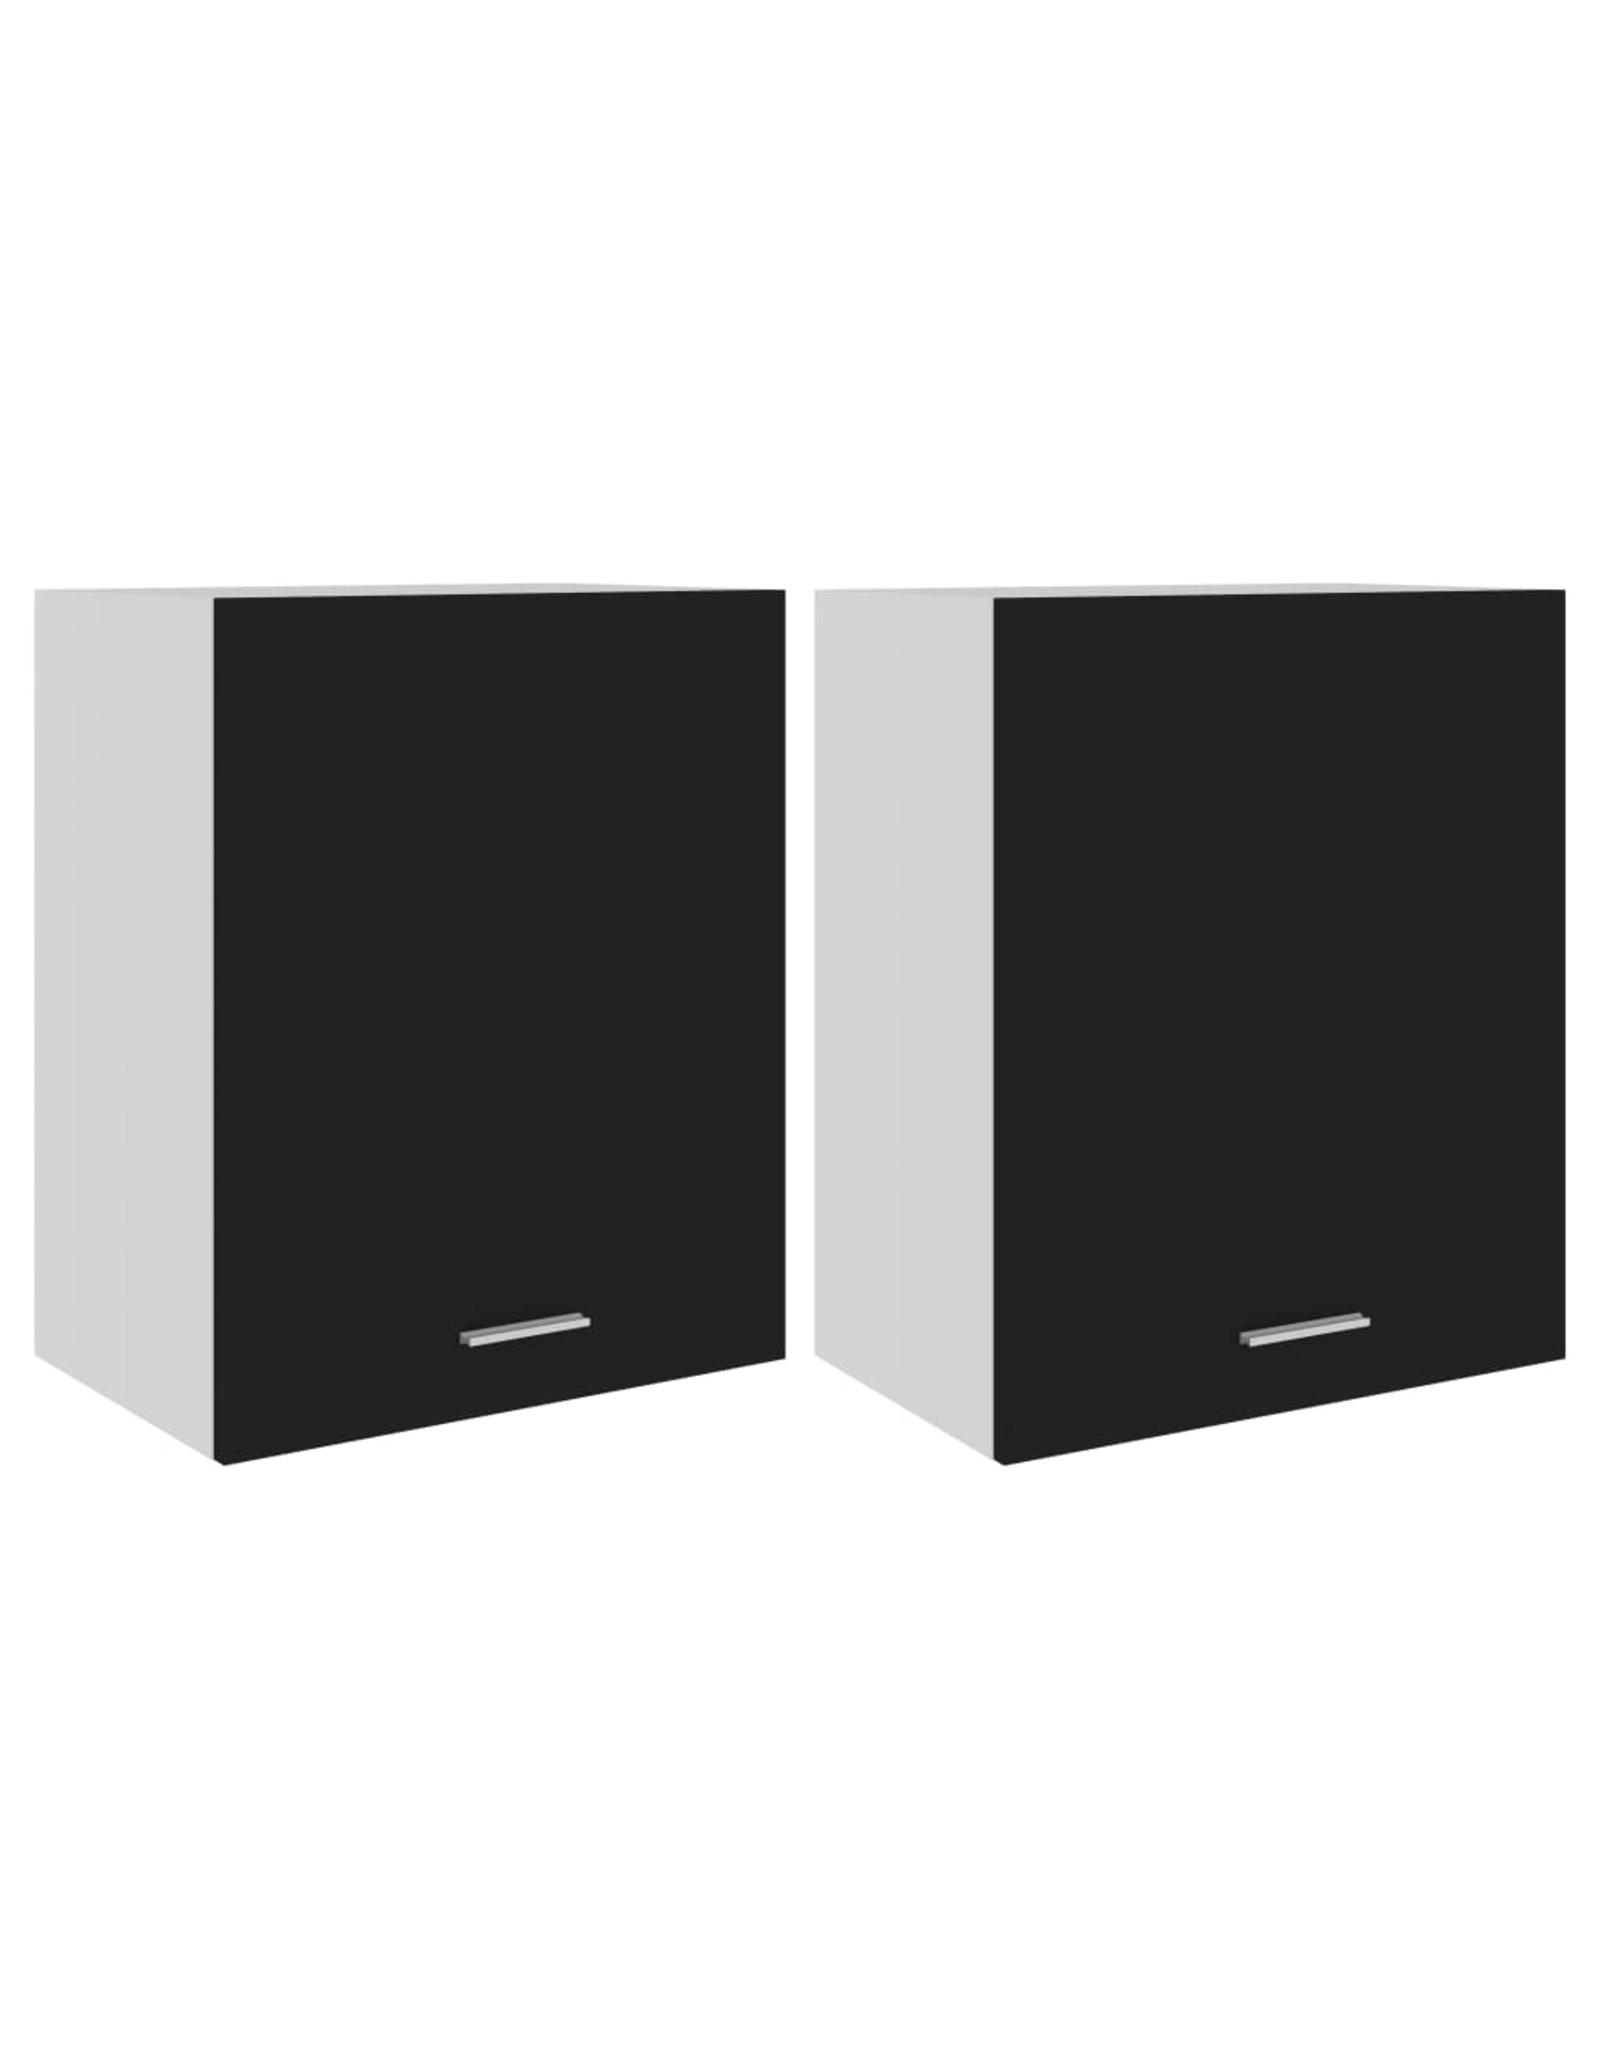 Hangkasten 2 st 50x31x60 cm spaanplaat zwart